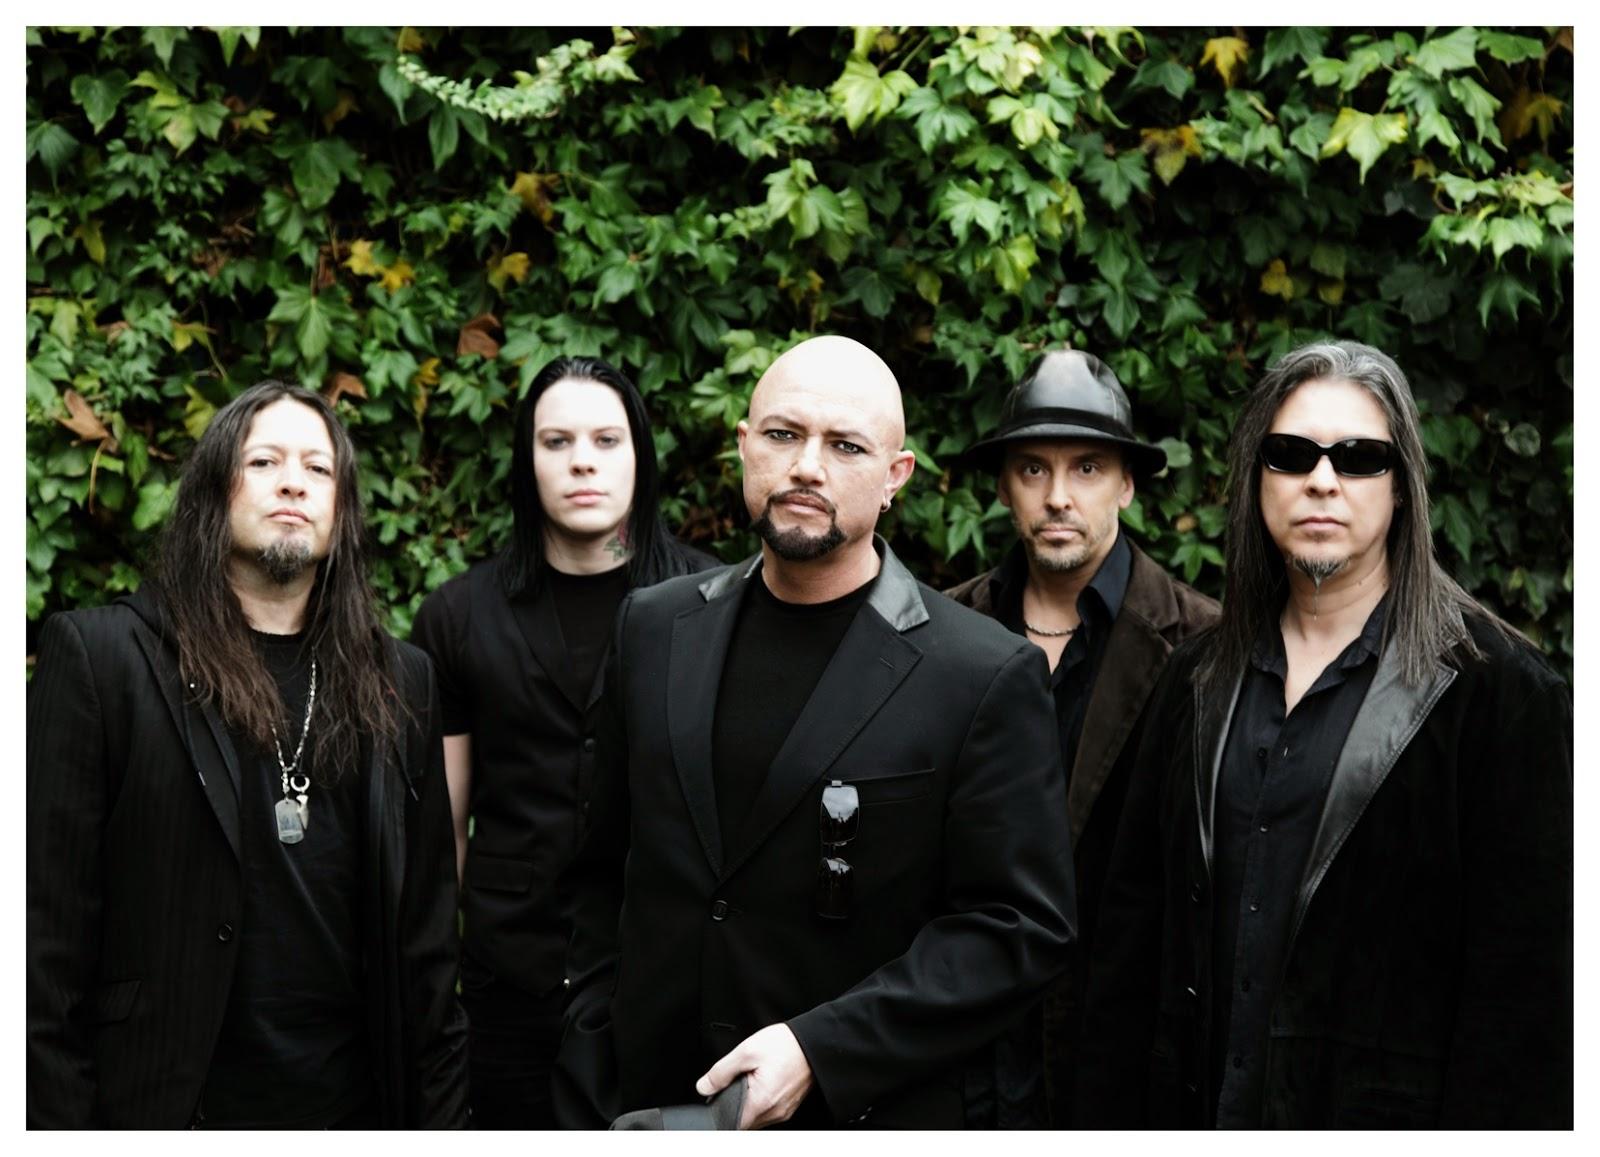 queensrÿche - band